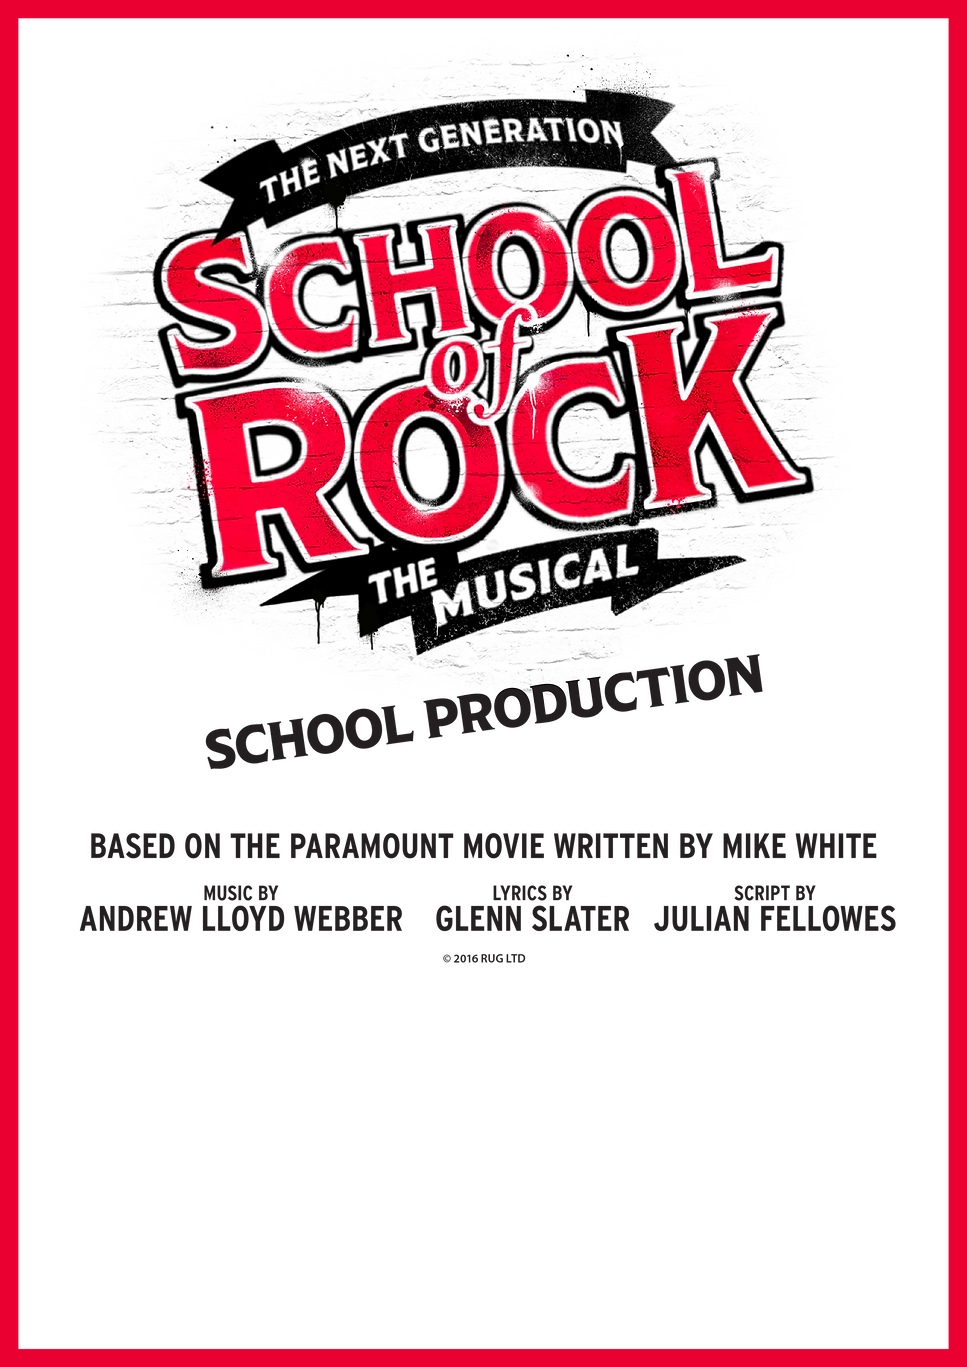 School of Rock school production poster